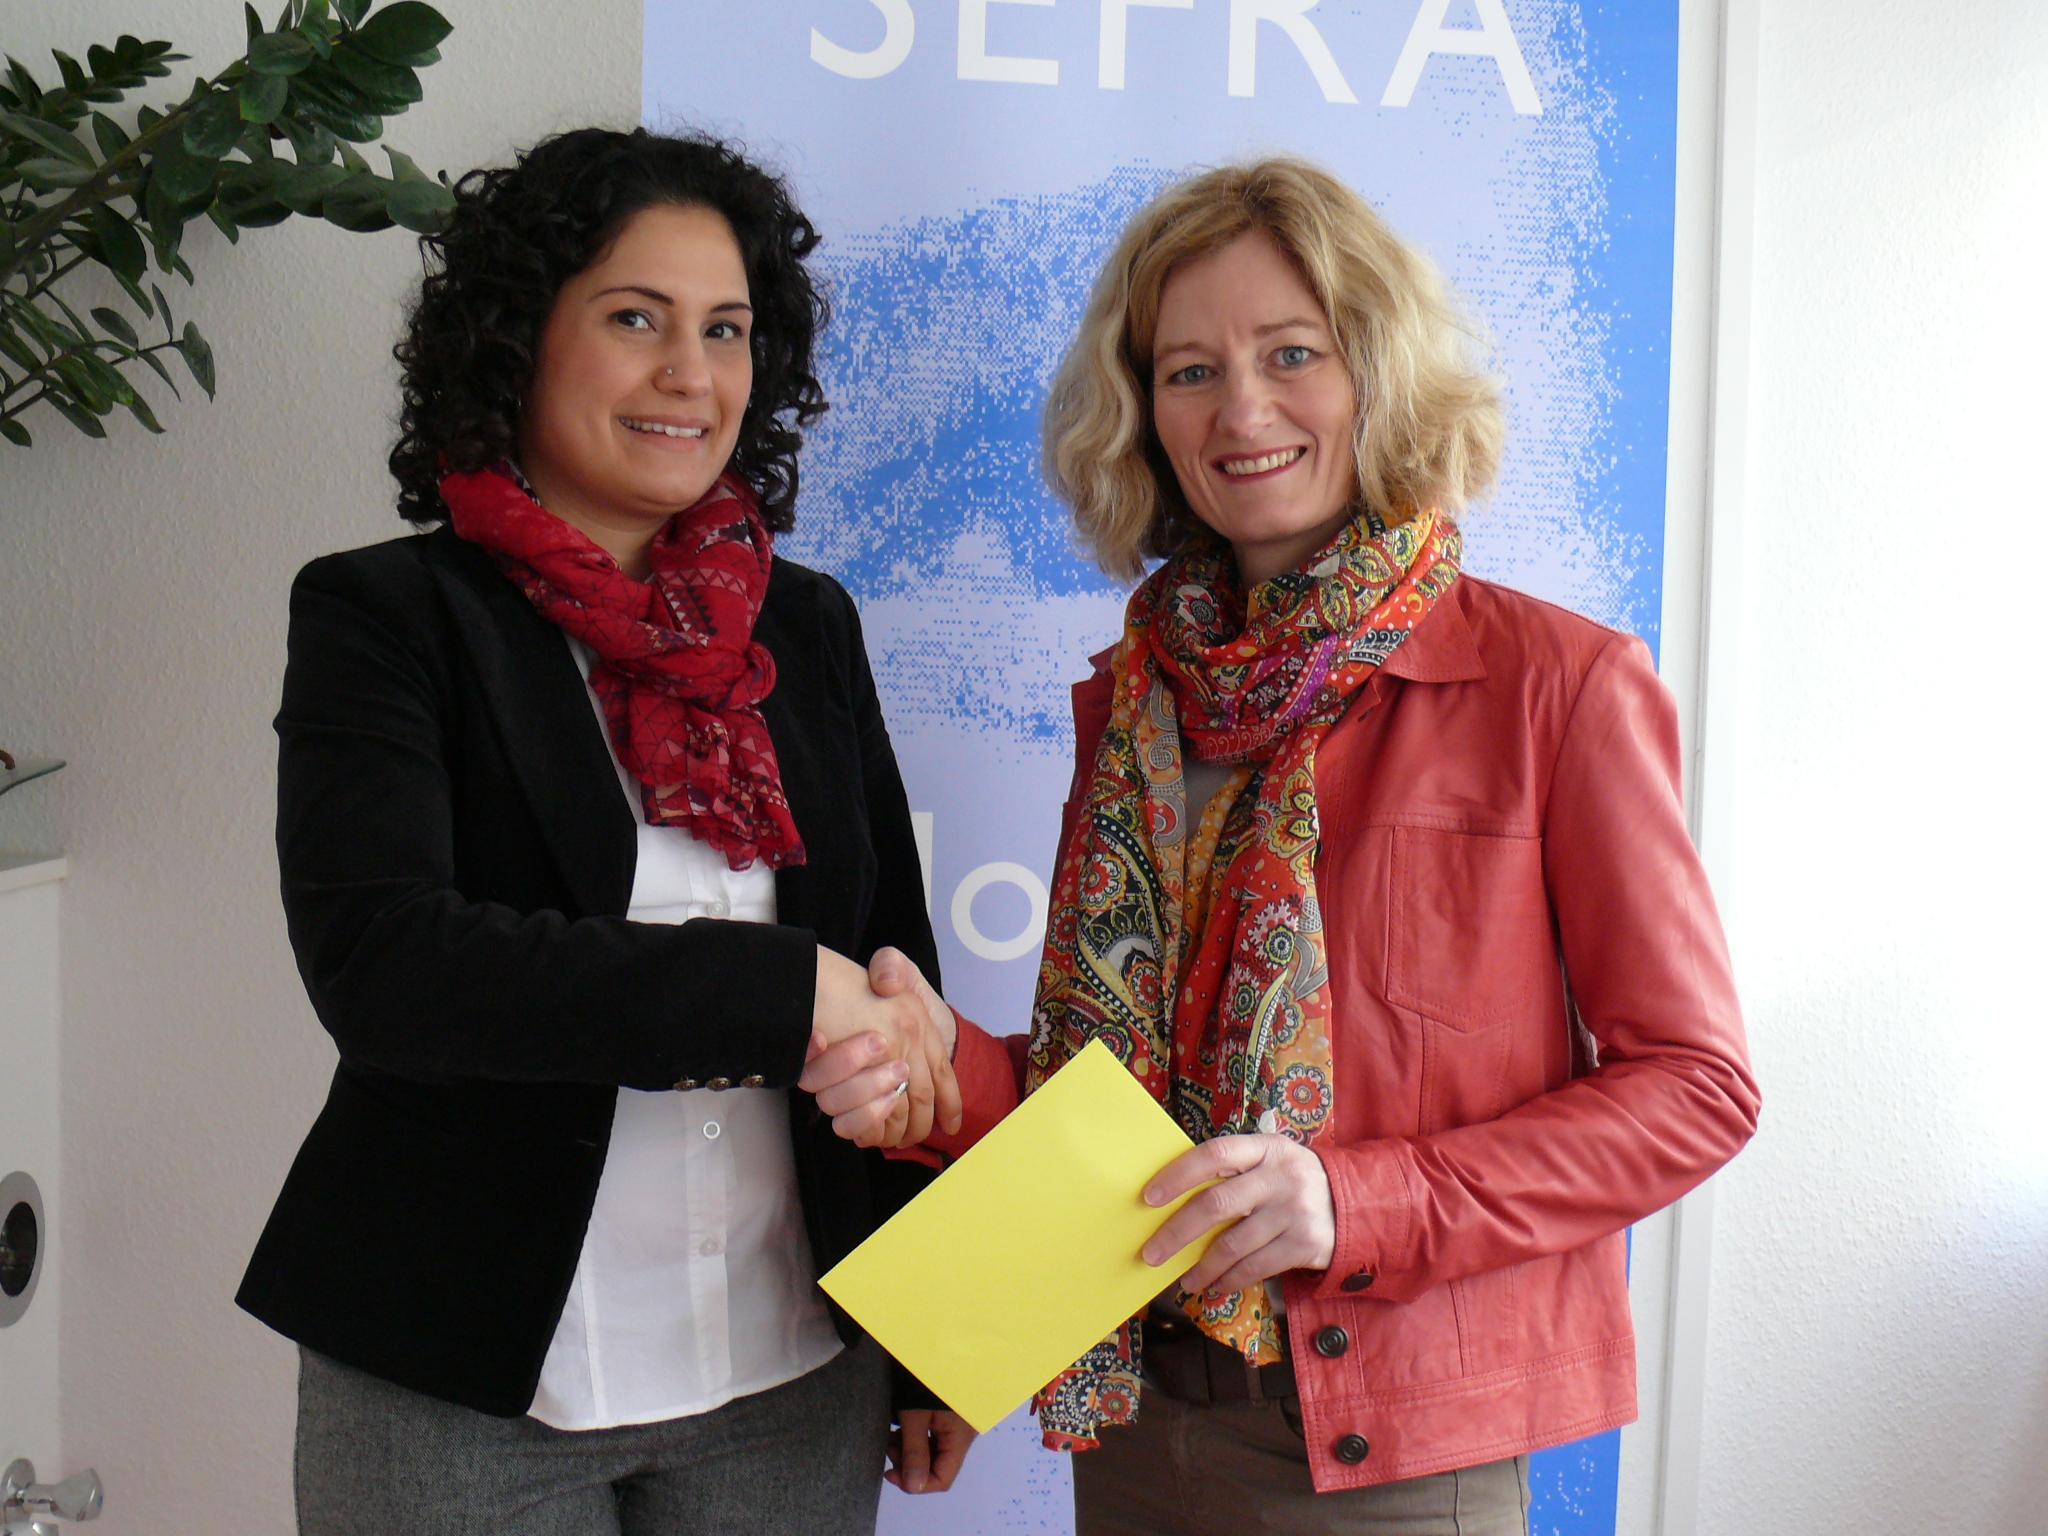 Spendenübergabe durch die Alzenauer Zonta-Präsidentin Dr. Katja Mappes